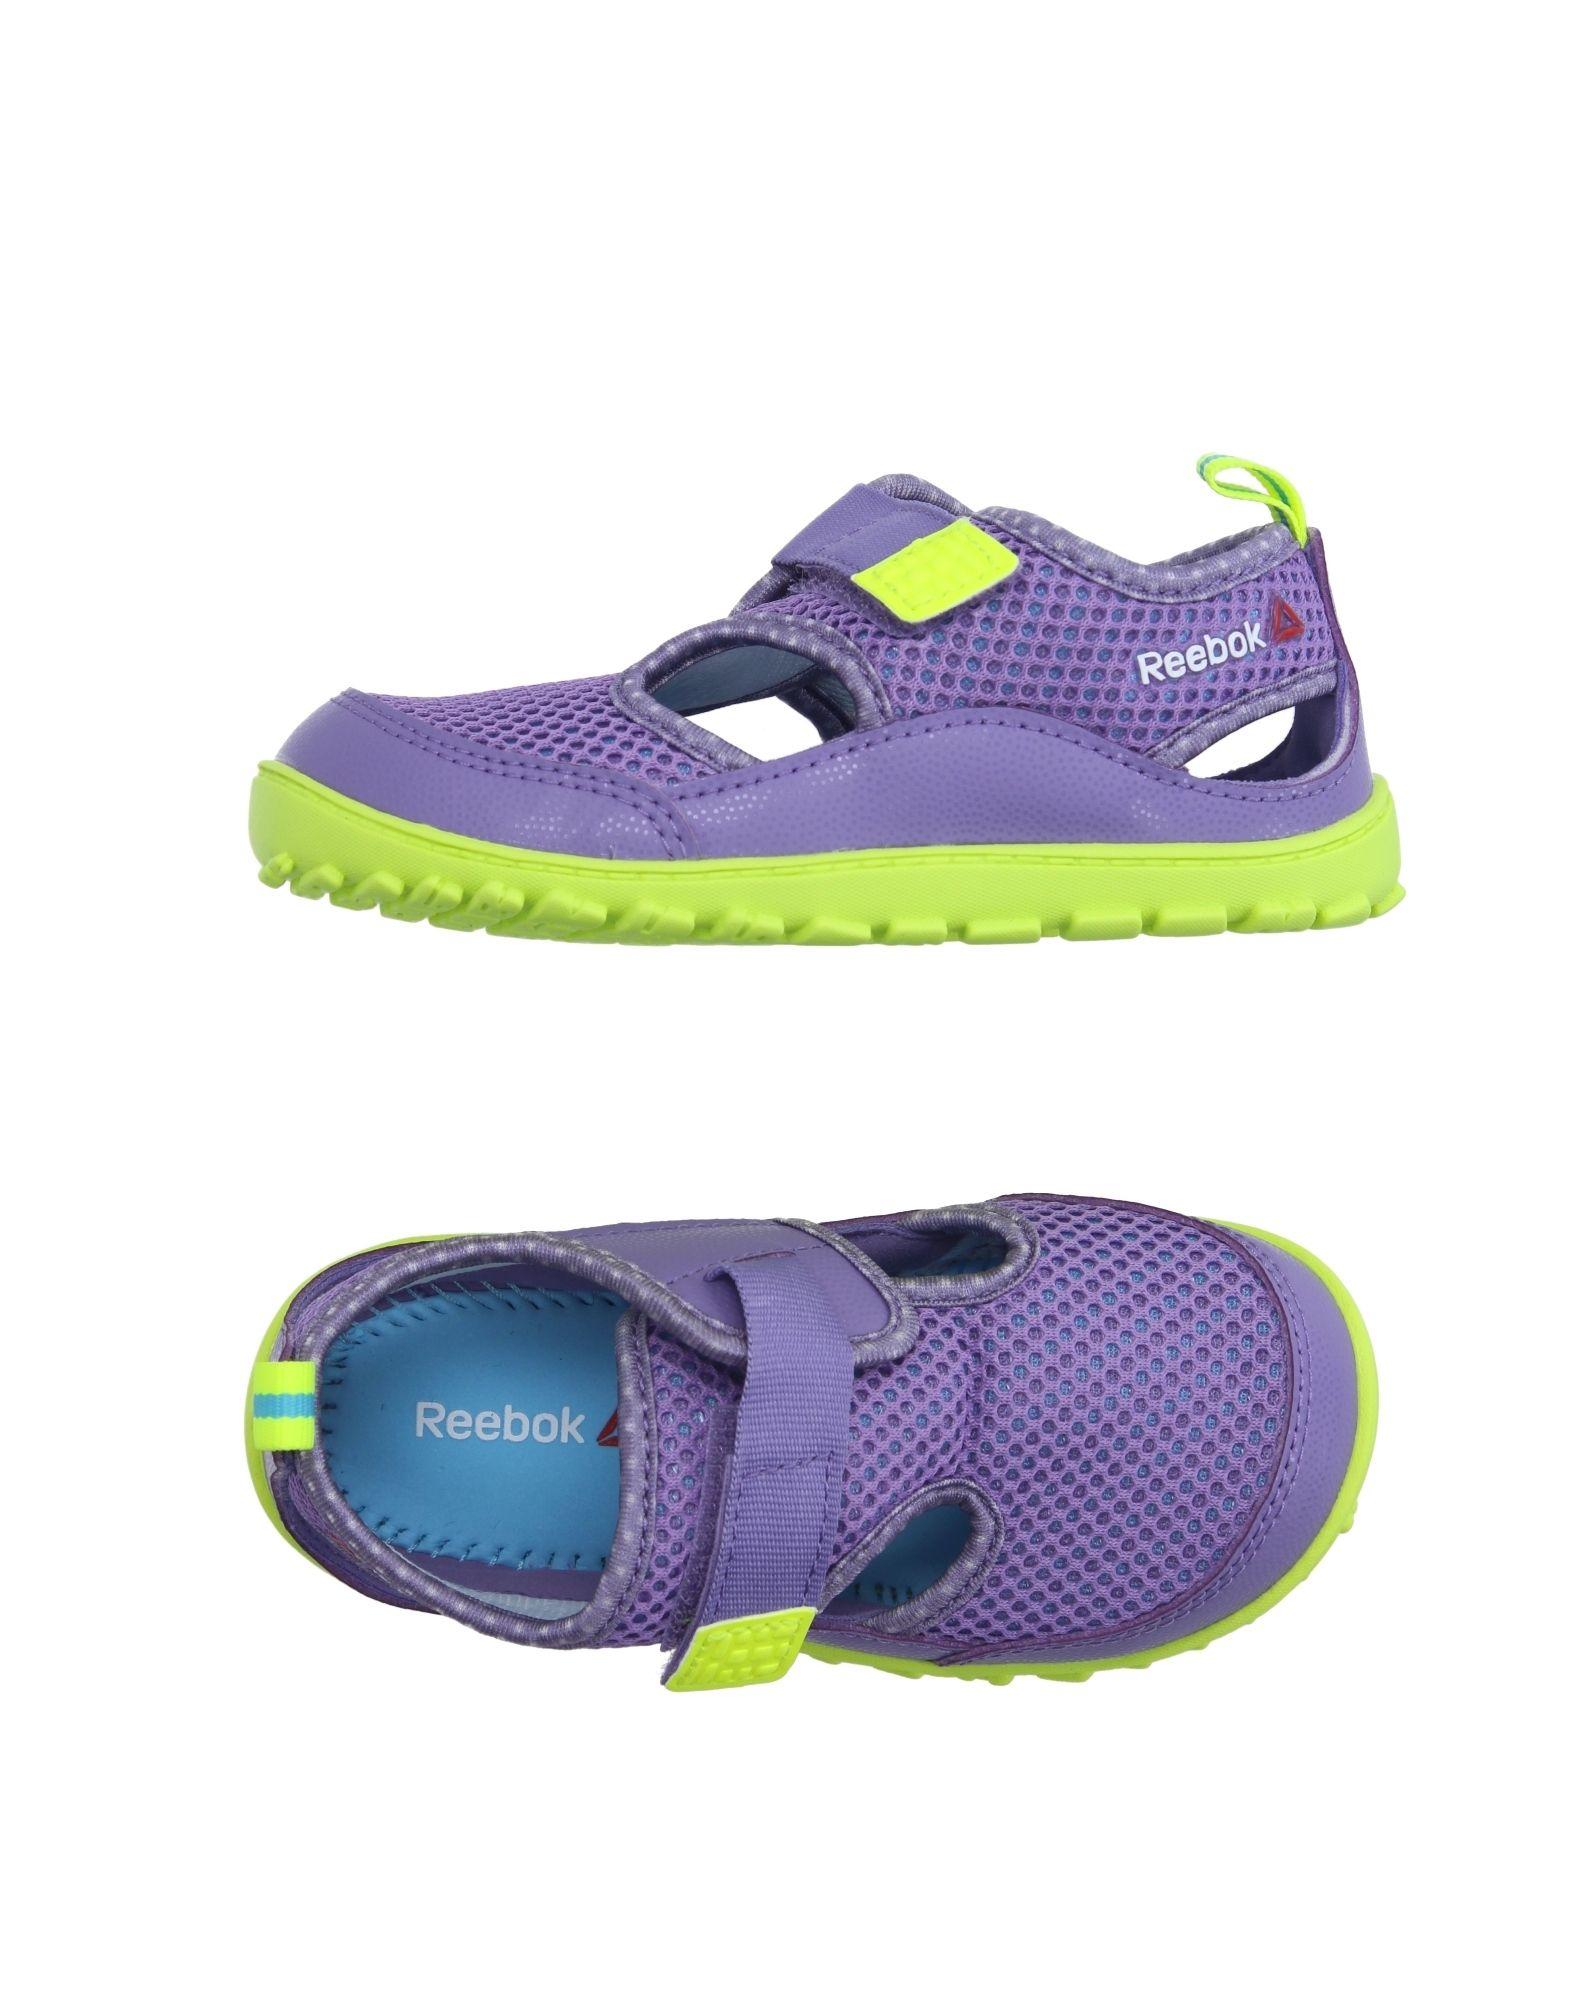 REEBOK Mädchen 0-24 monate Low Sneakers & Tennisschuhe Farbe Lila Größe 3